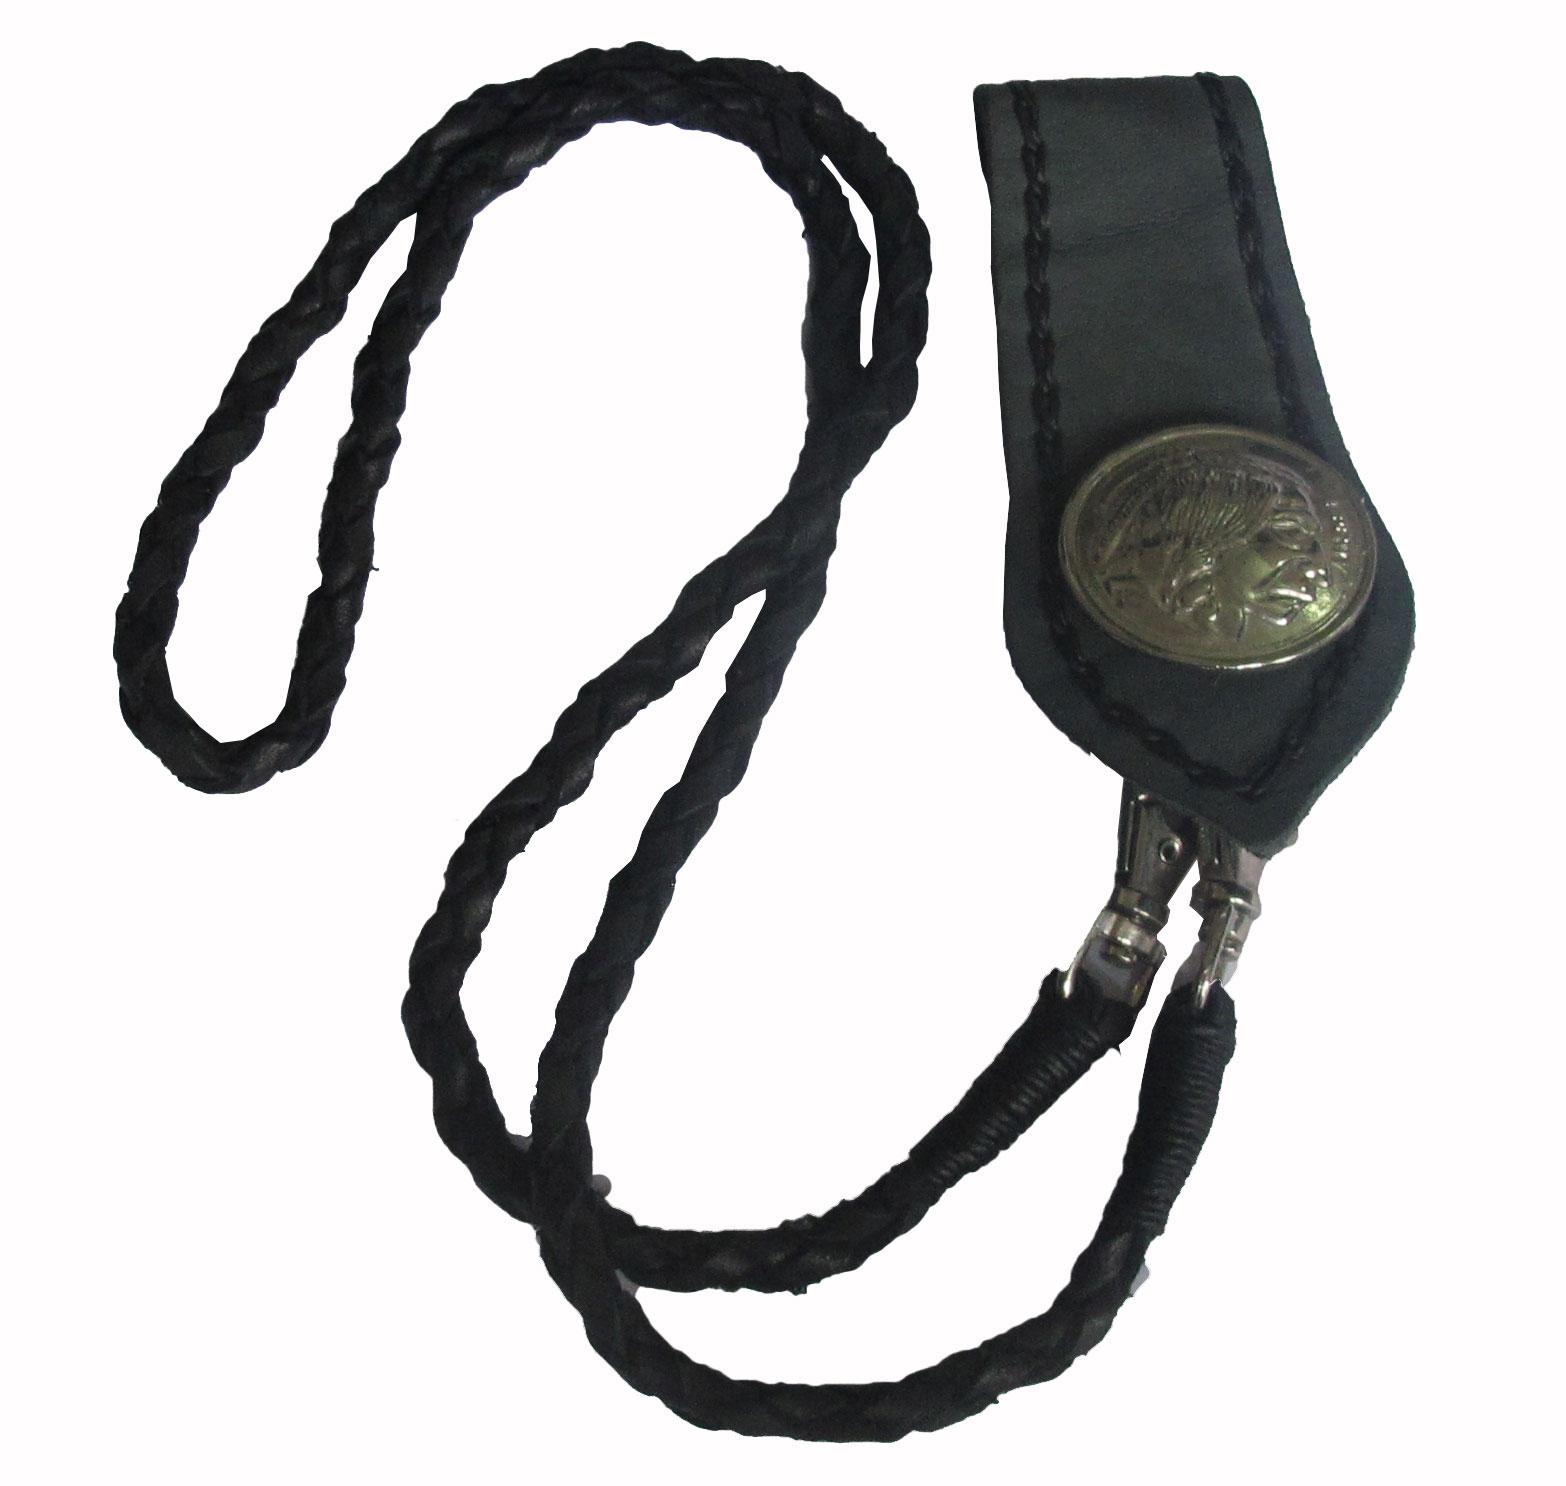 เชือกหนังถัก หนังวัวแท้ สำหรับ คล้องเข้ากับกระเป๋า และหูกางเกง สุดเทห์